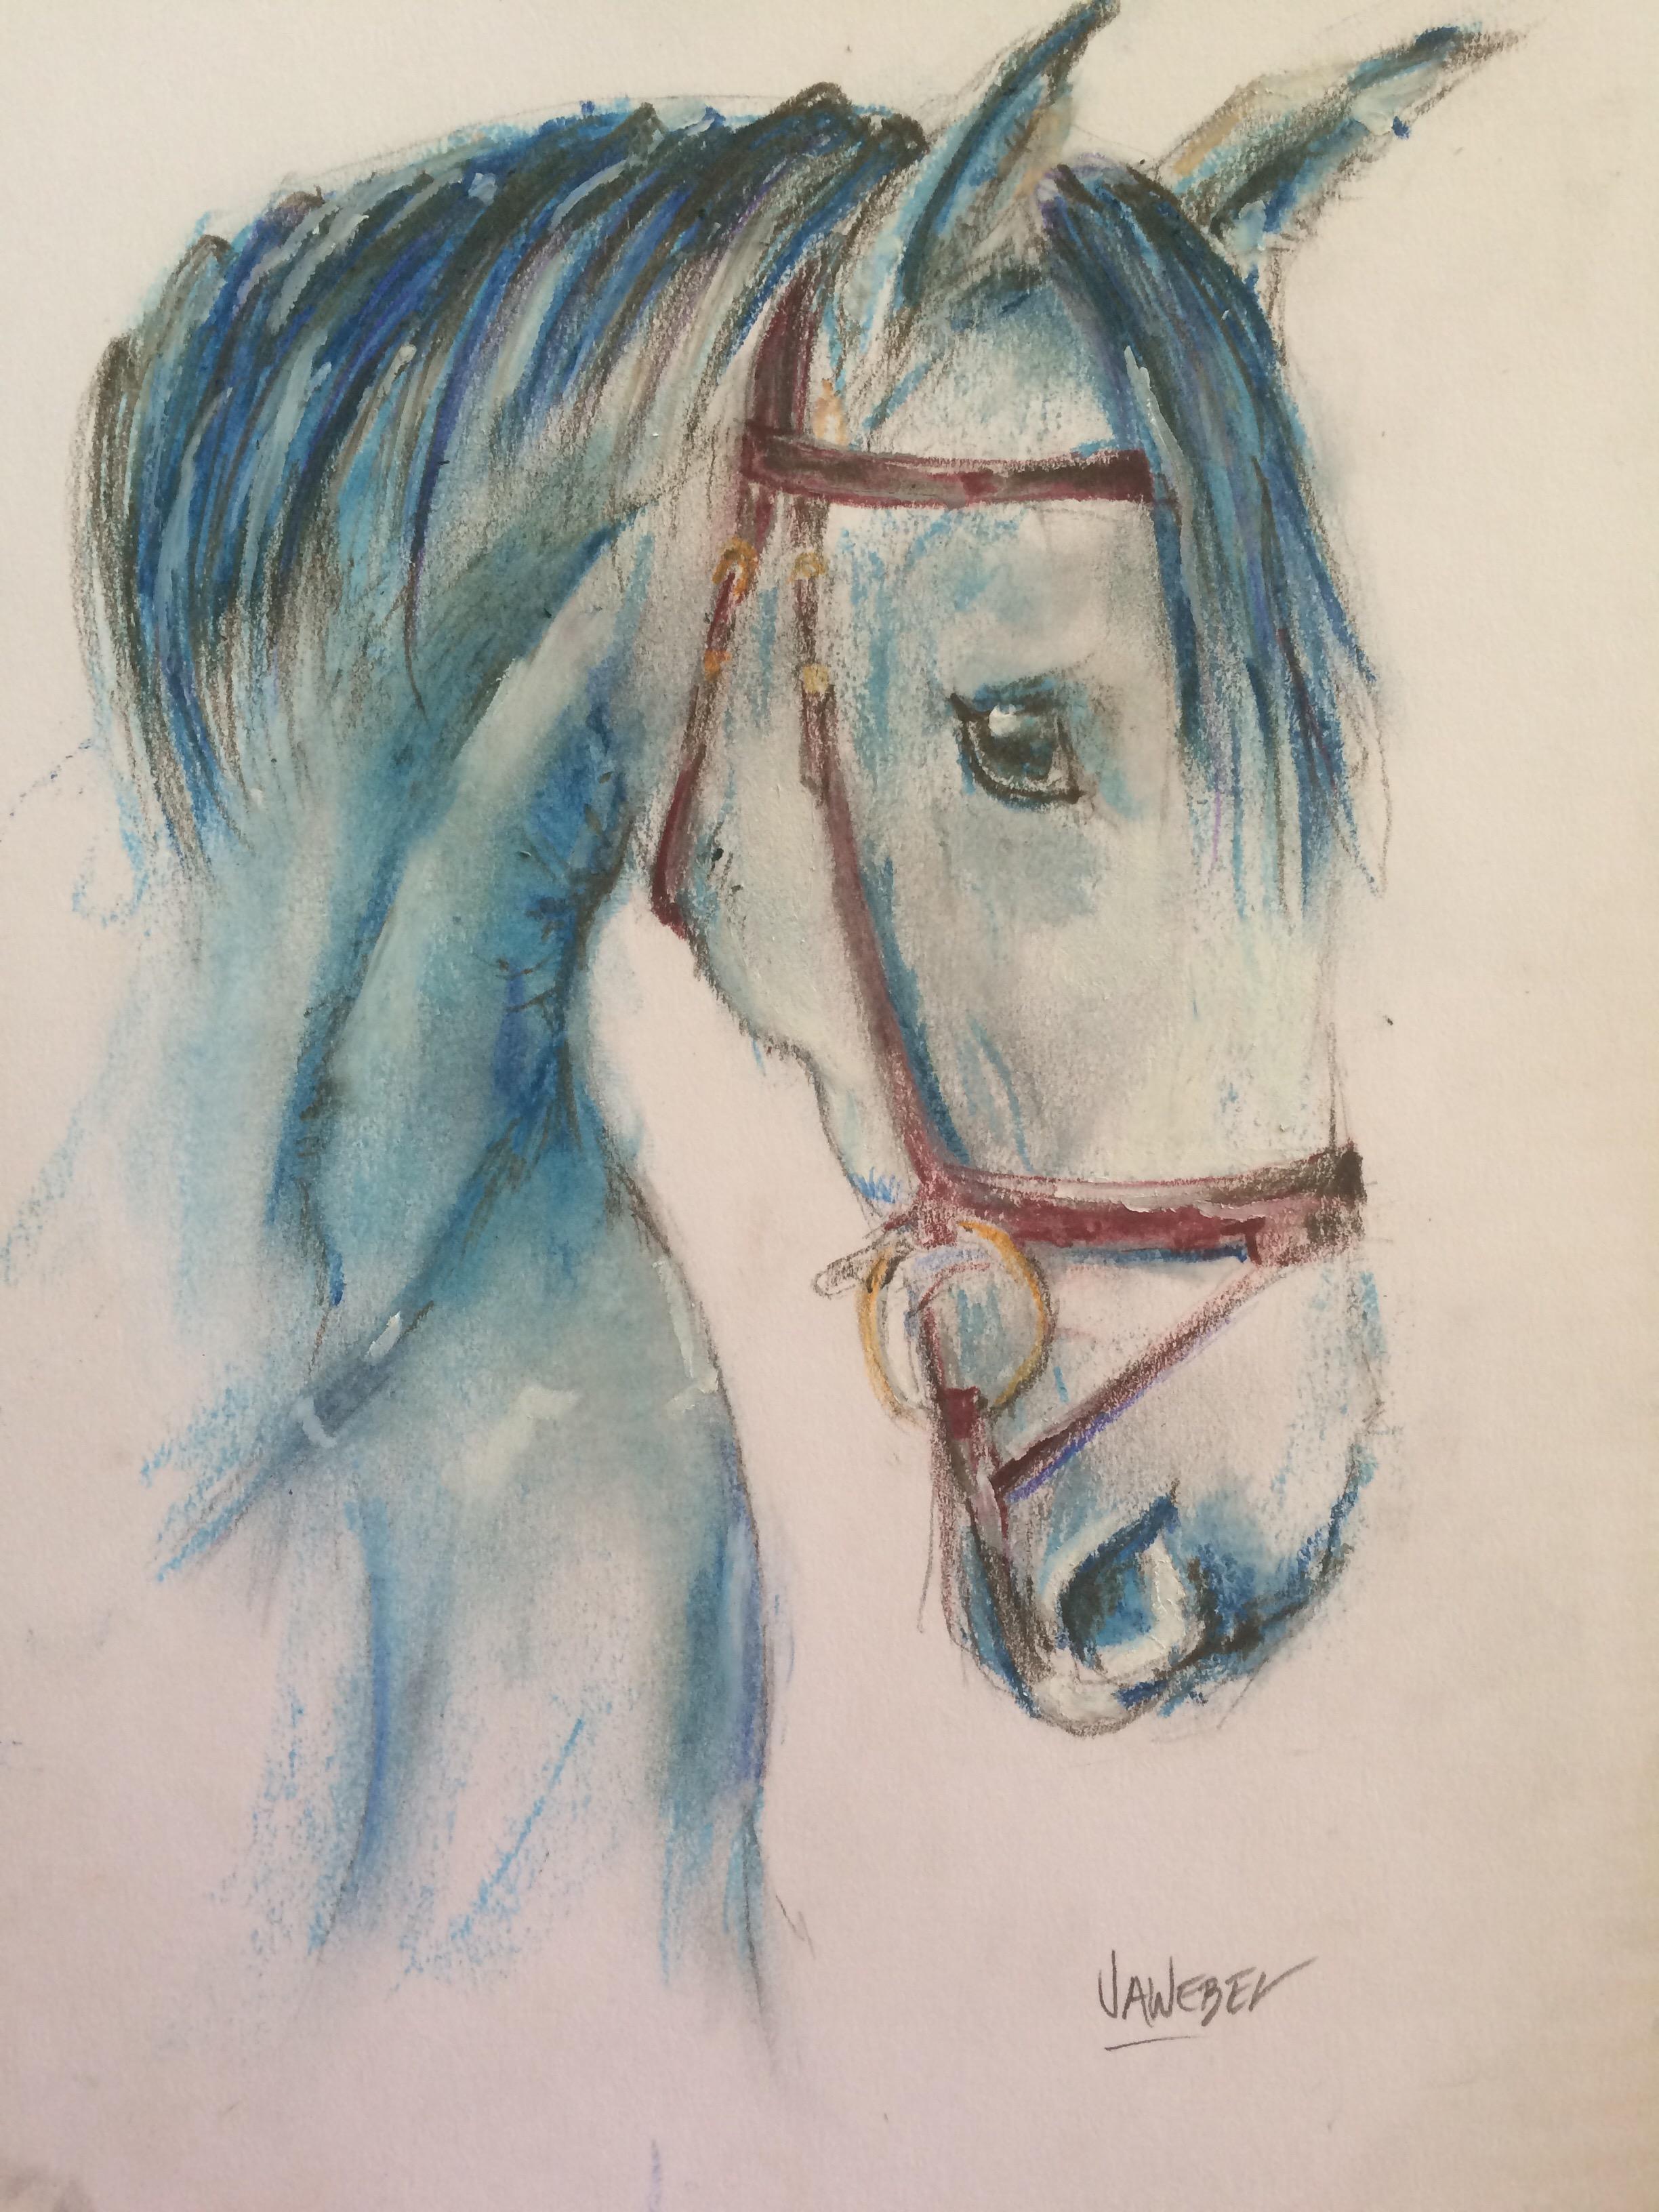 Horse Bluehorse Caballo Oilpastel Image By Jawebel